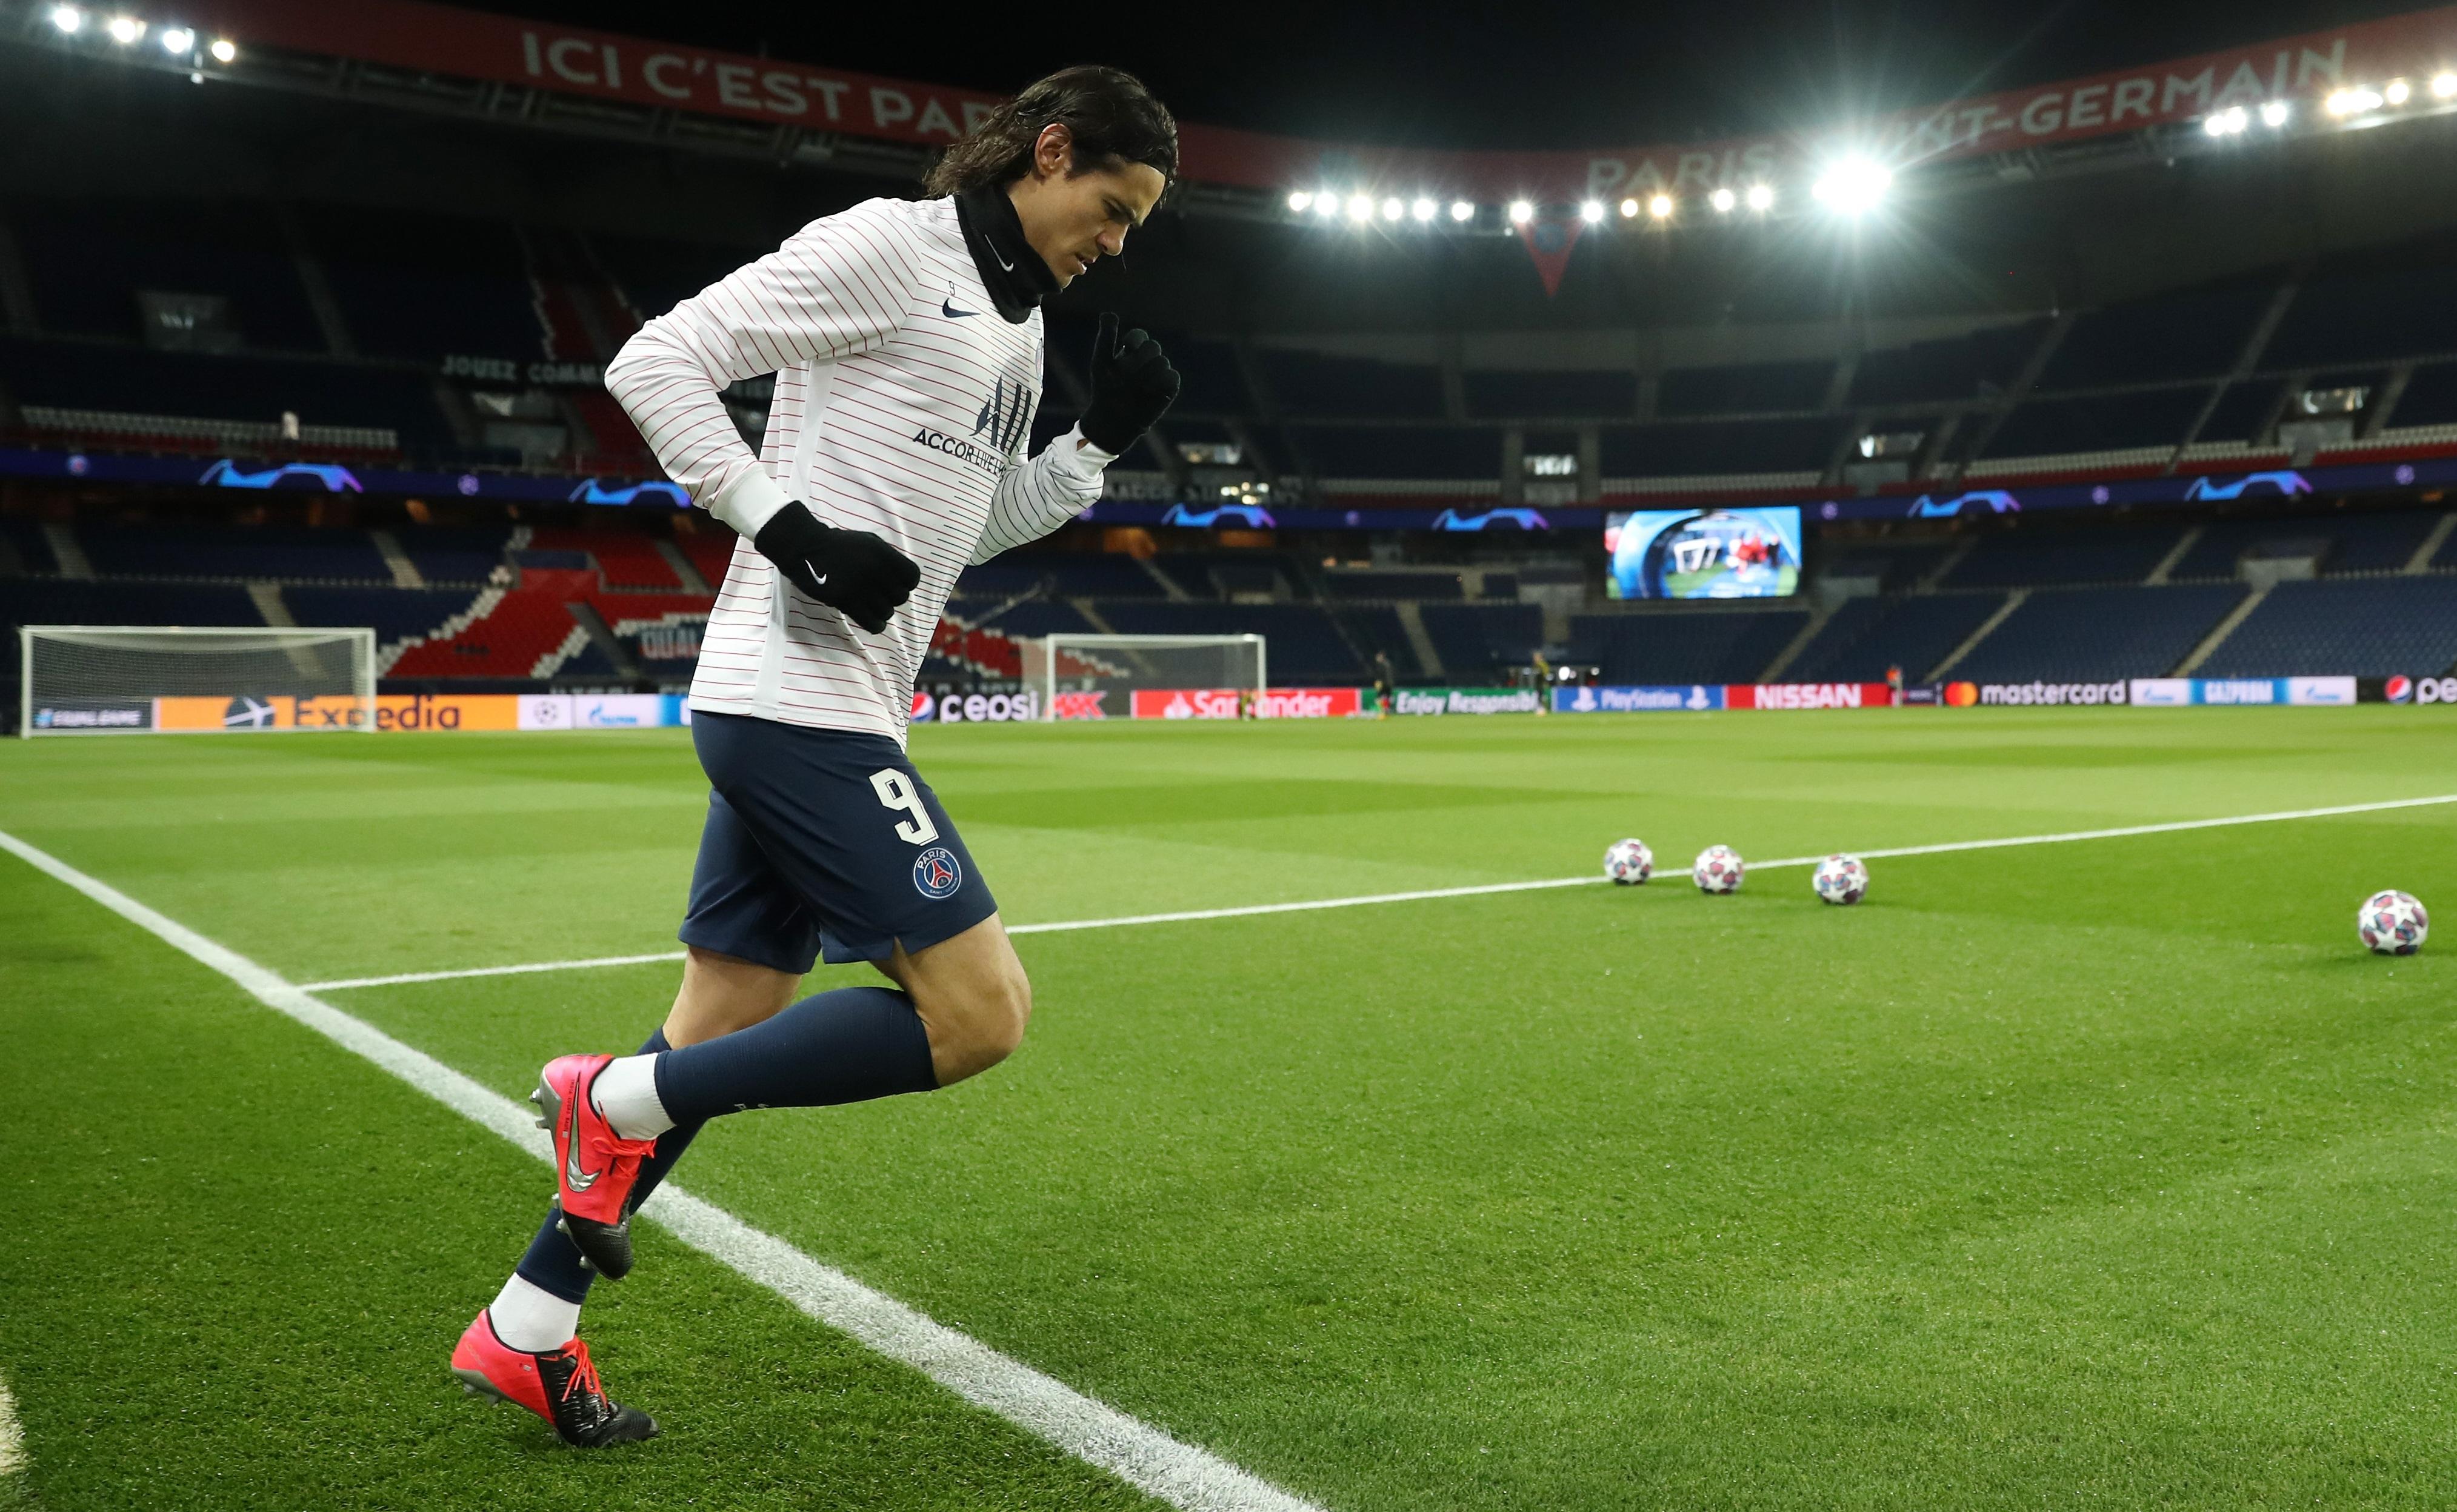 Football - Transferts - Cavani n'est «pas une priorité» pour l'Inter, Icardi «content de rester à Paris»